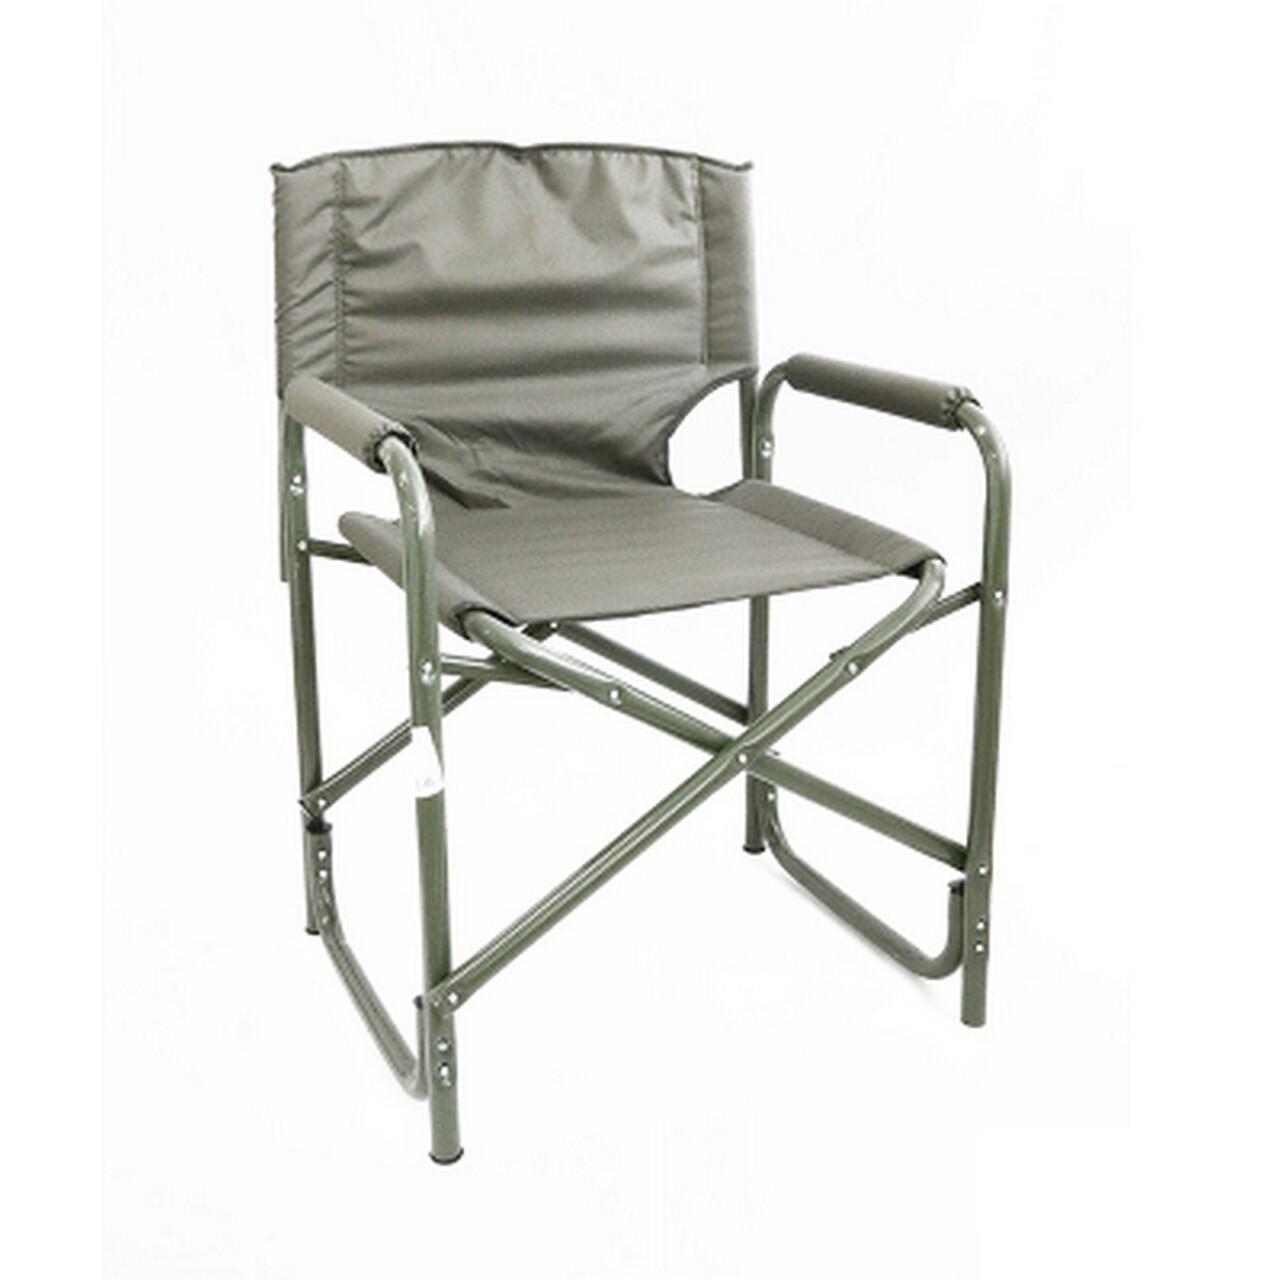 Кресло складное СЛЕДОПЫТ 585х450х825 мм, сталь 25 мм, хаки кресло складное nika пс1 х хаки